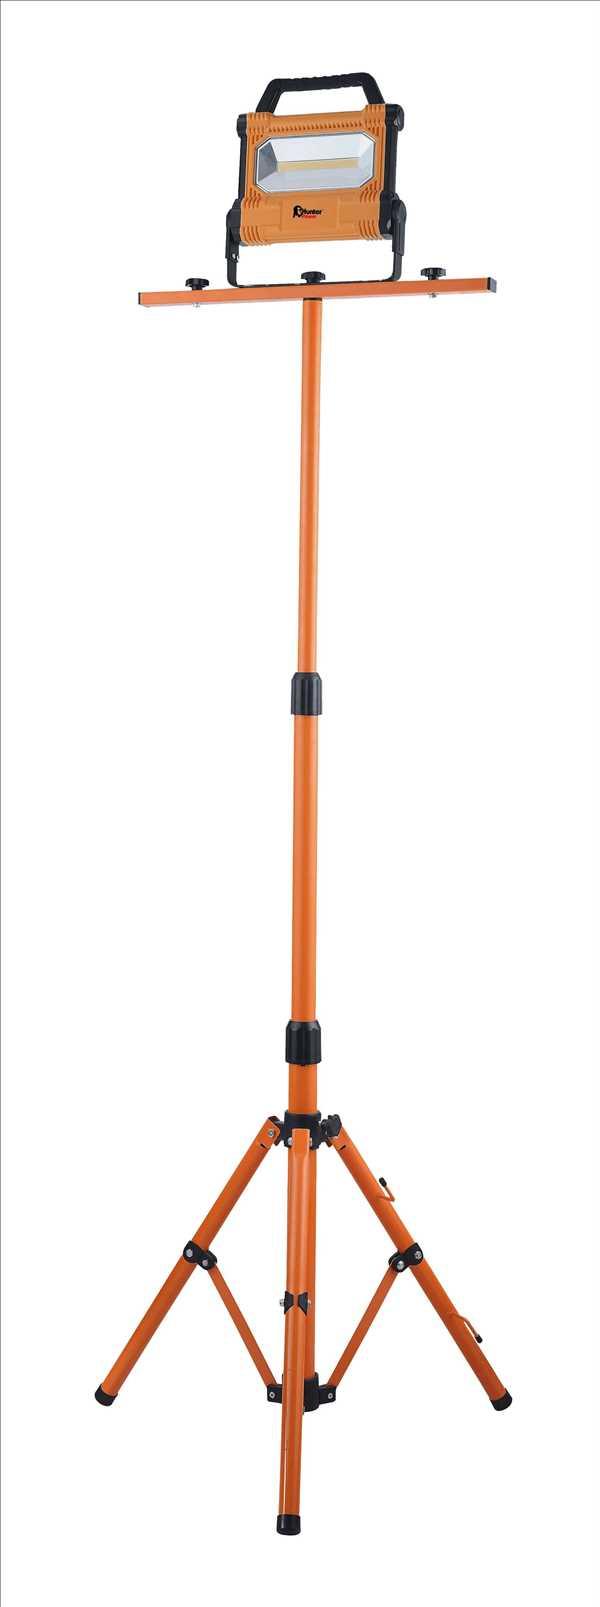 חצובה לפרוזקטור 3 שלבים 1.55 מטר Hunter 101714-002 האנטר